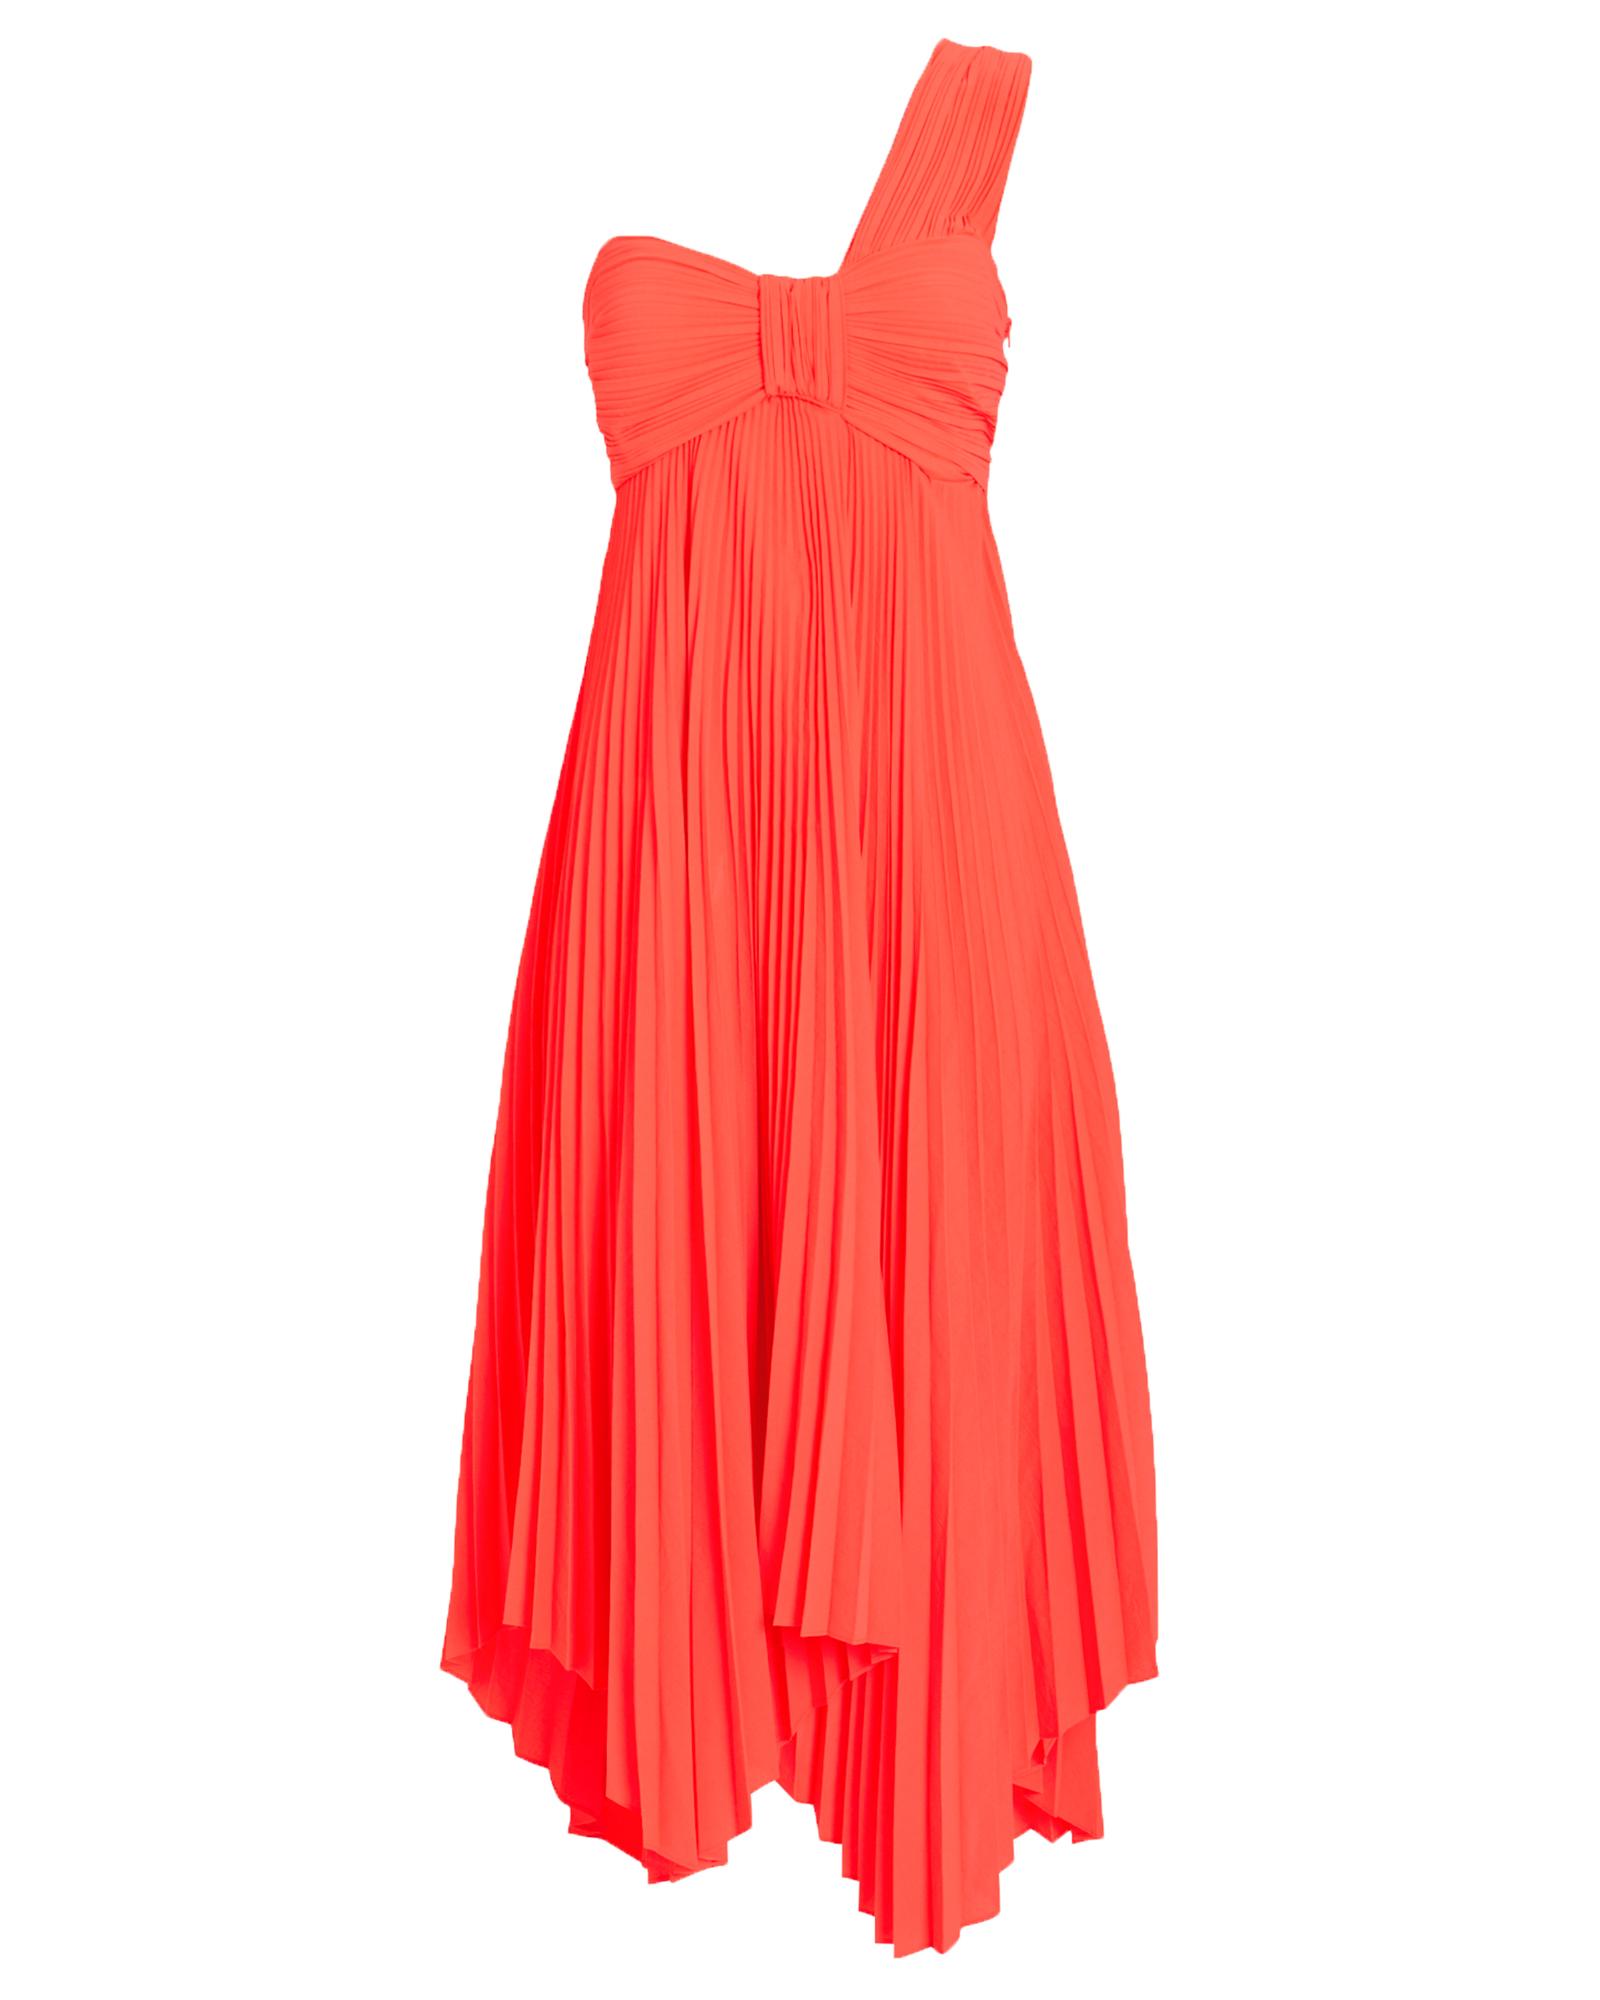 A.l.c Dresses A.L.C. MARBURY PLEATED DRESS  NEON ORANGE 4